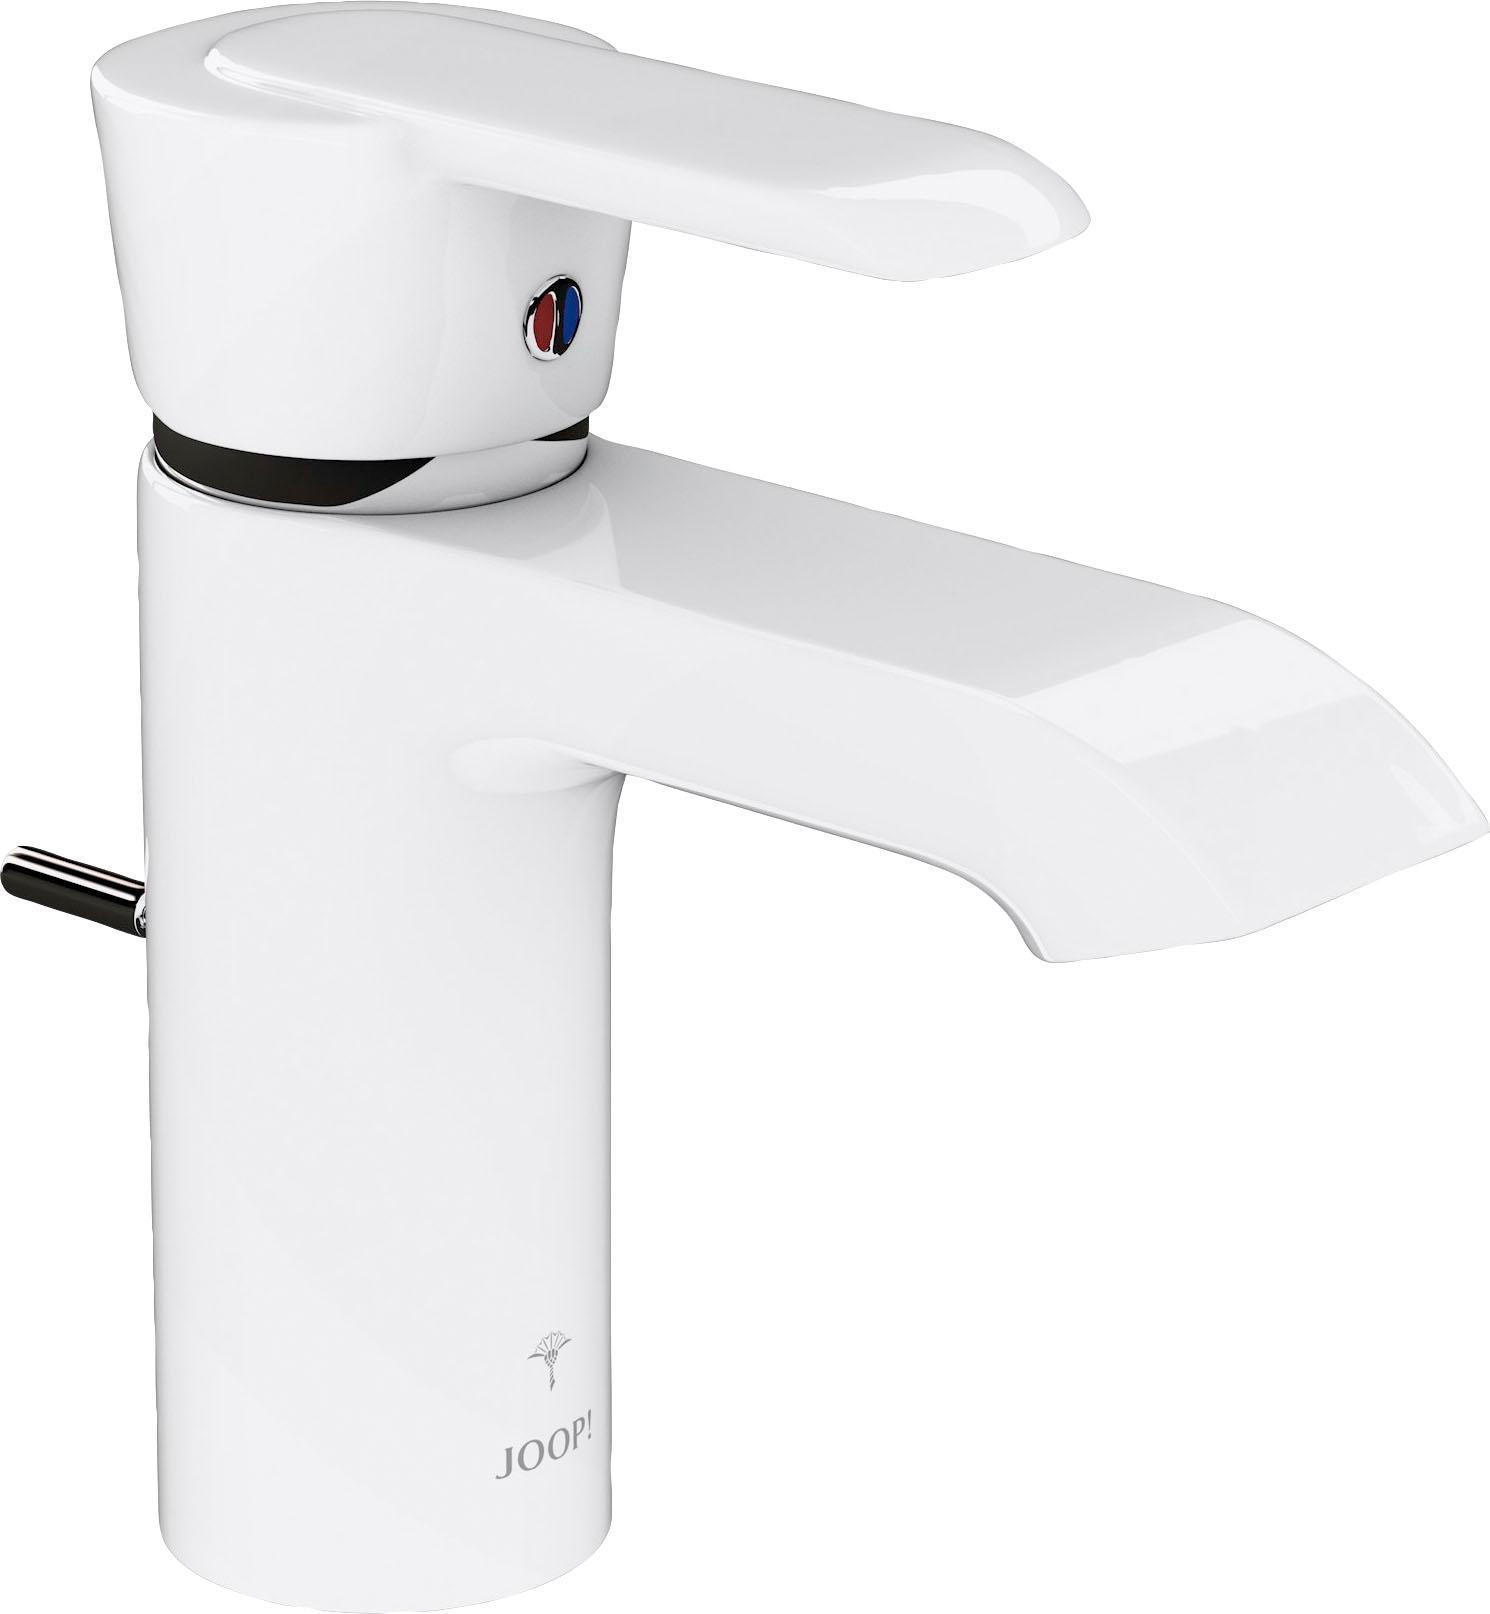 Joop! Joop Waschtischarmatur Slim weiß Waschtischarmaturen Badarmaturen Bad Sanitär Armaturen